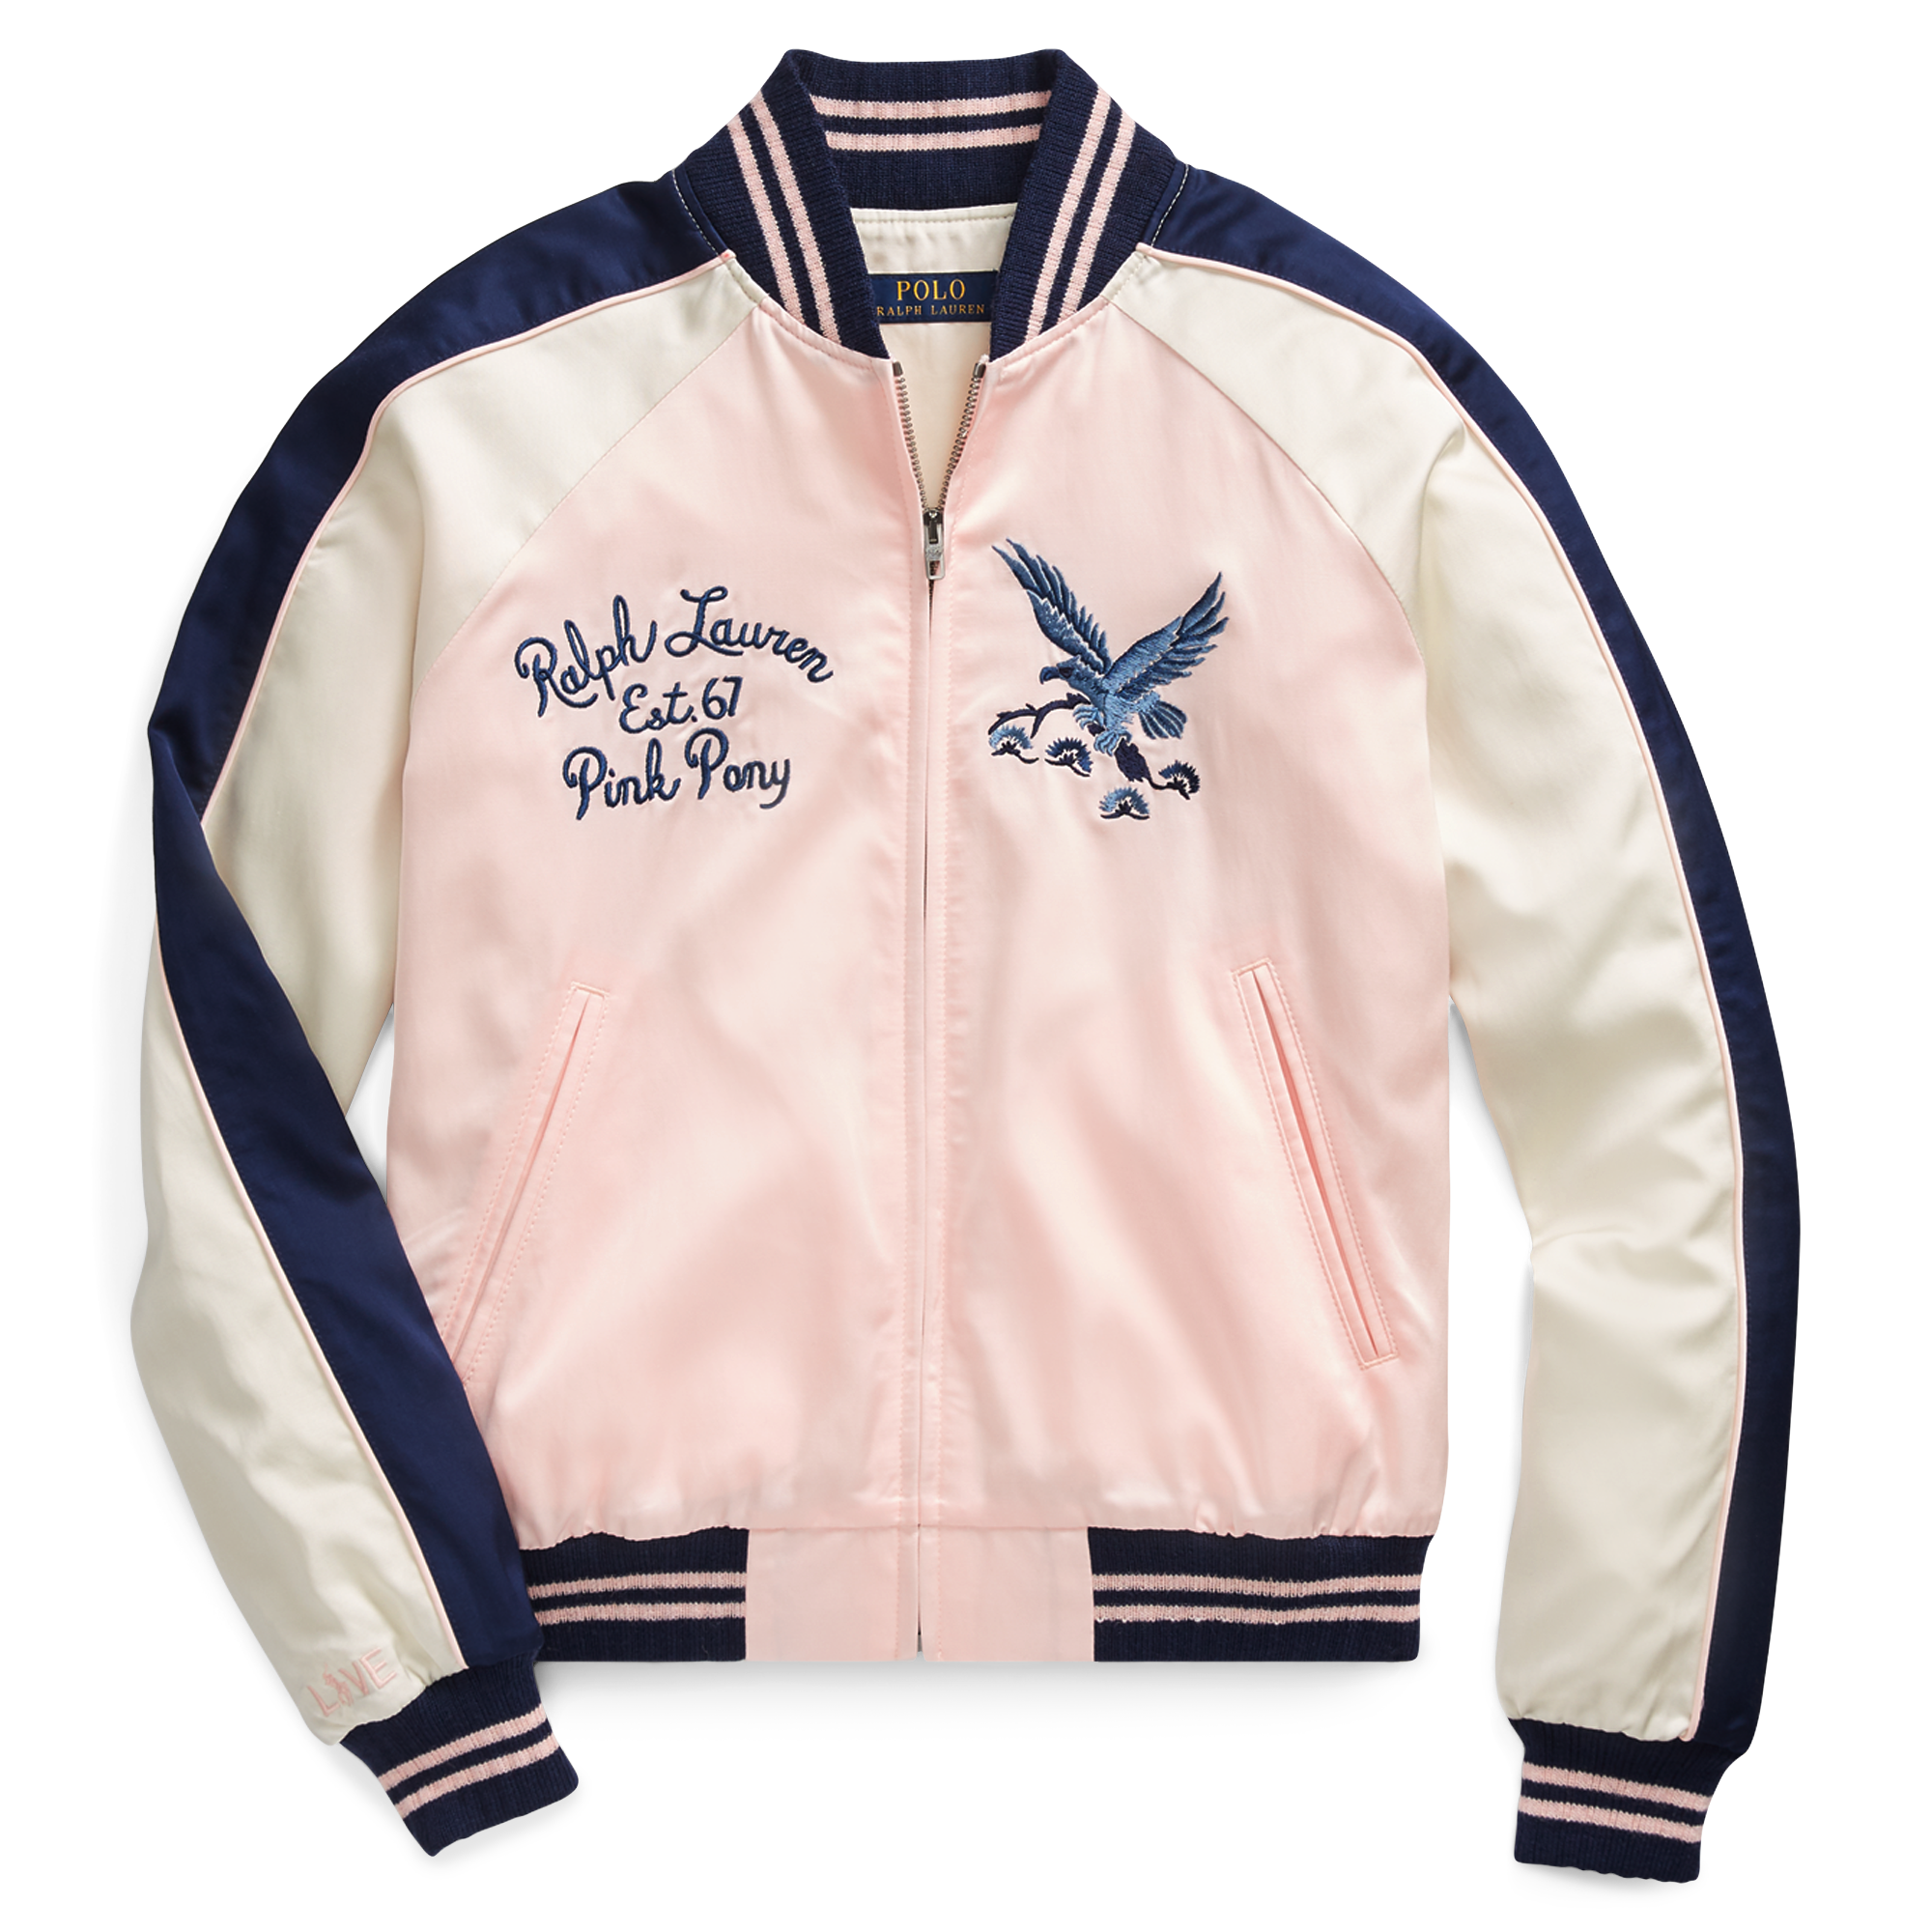 Ralph Lauren Pink Pony Satin Bomber Jacket Love Pink Satin Bomber Jacket Pink Bomber Jacket Jackets [ 2000 x 2000 Pixel ]